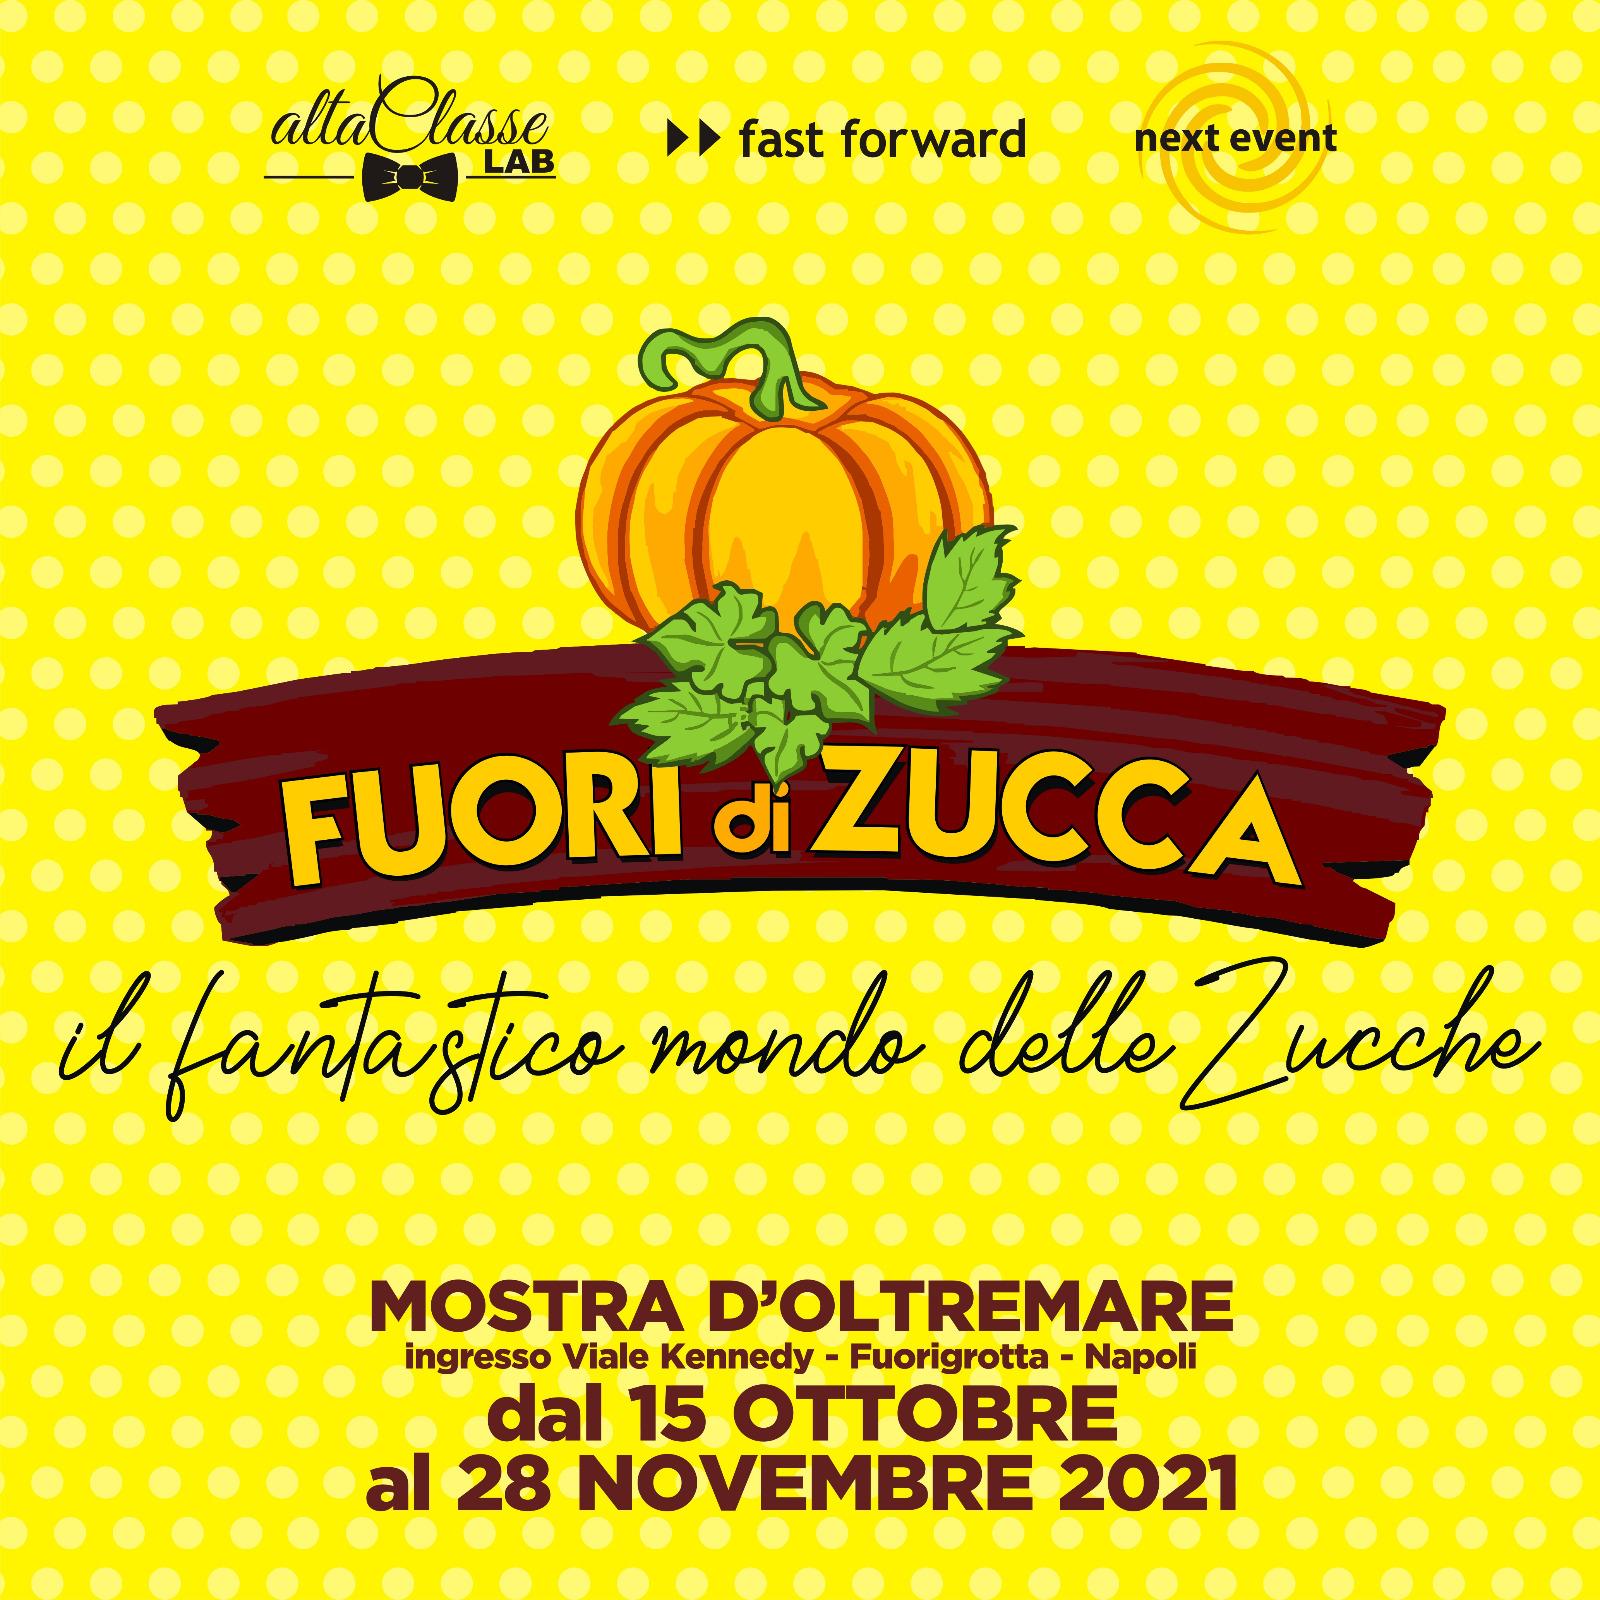 Alla Mostra d'Oltremare dal 15 ottobre FUORI DI ZUCCA Il fantastico mondo delle zucche